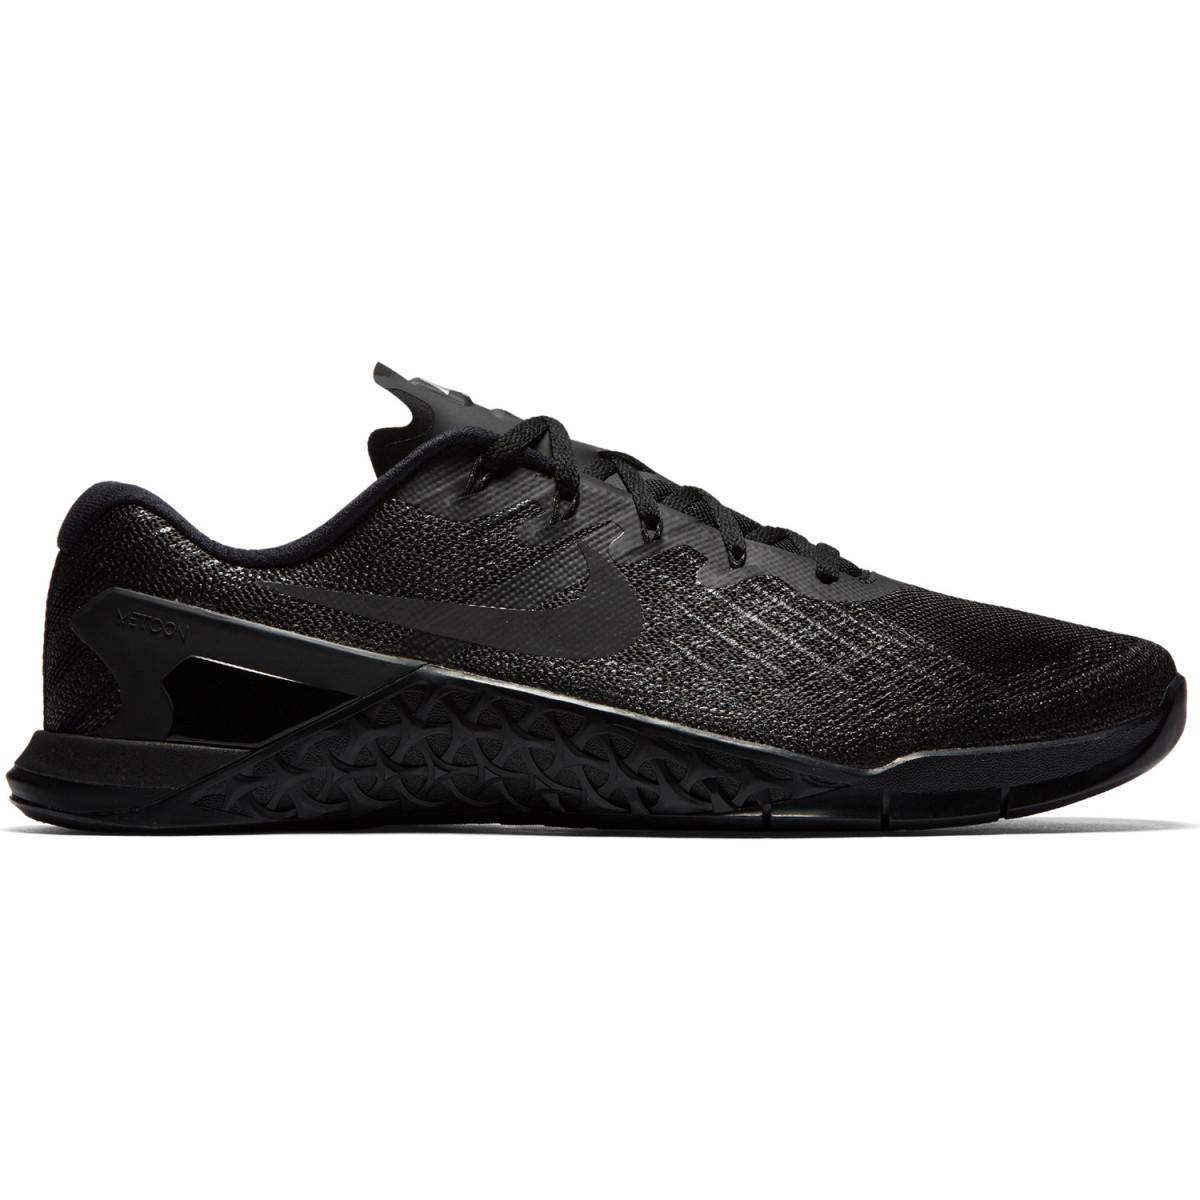 Zapatillas Nike Metcon 3